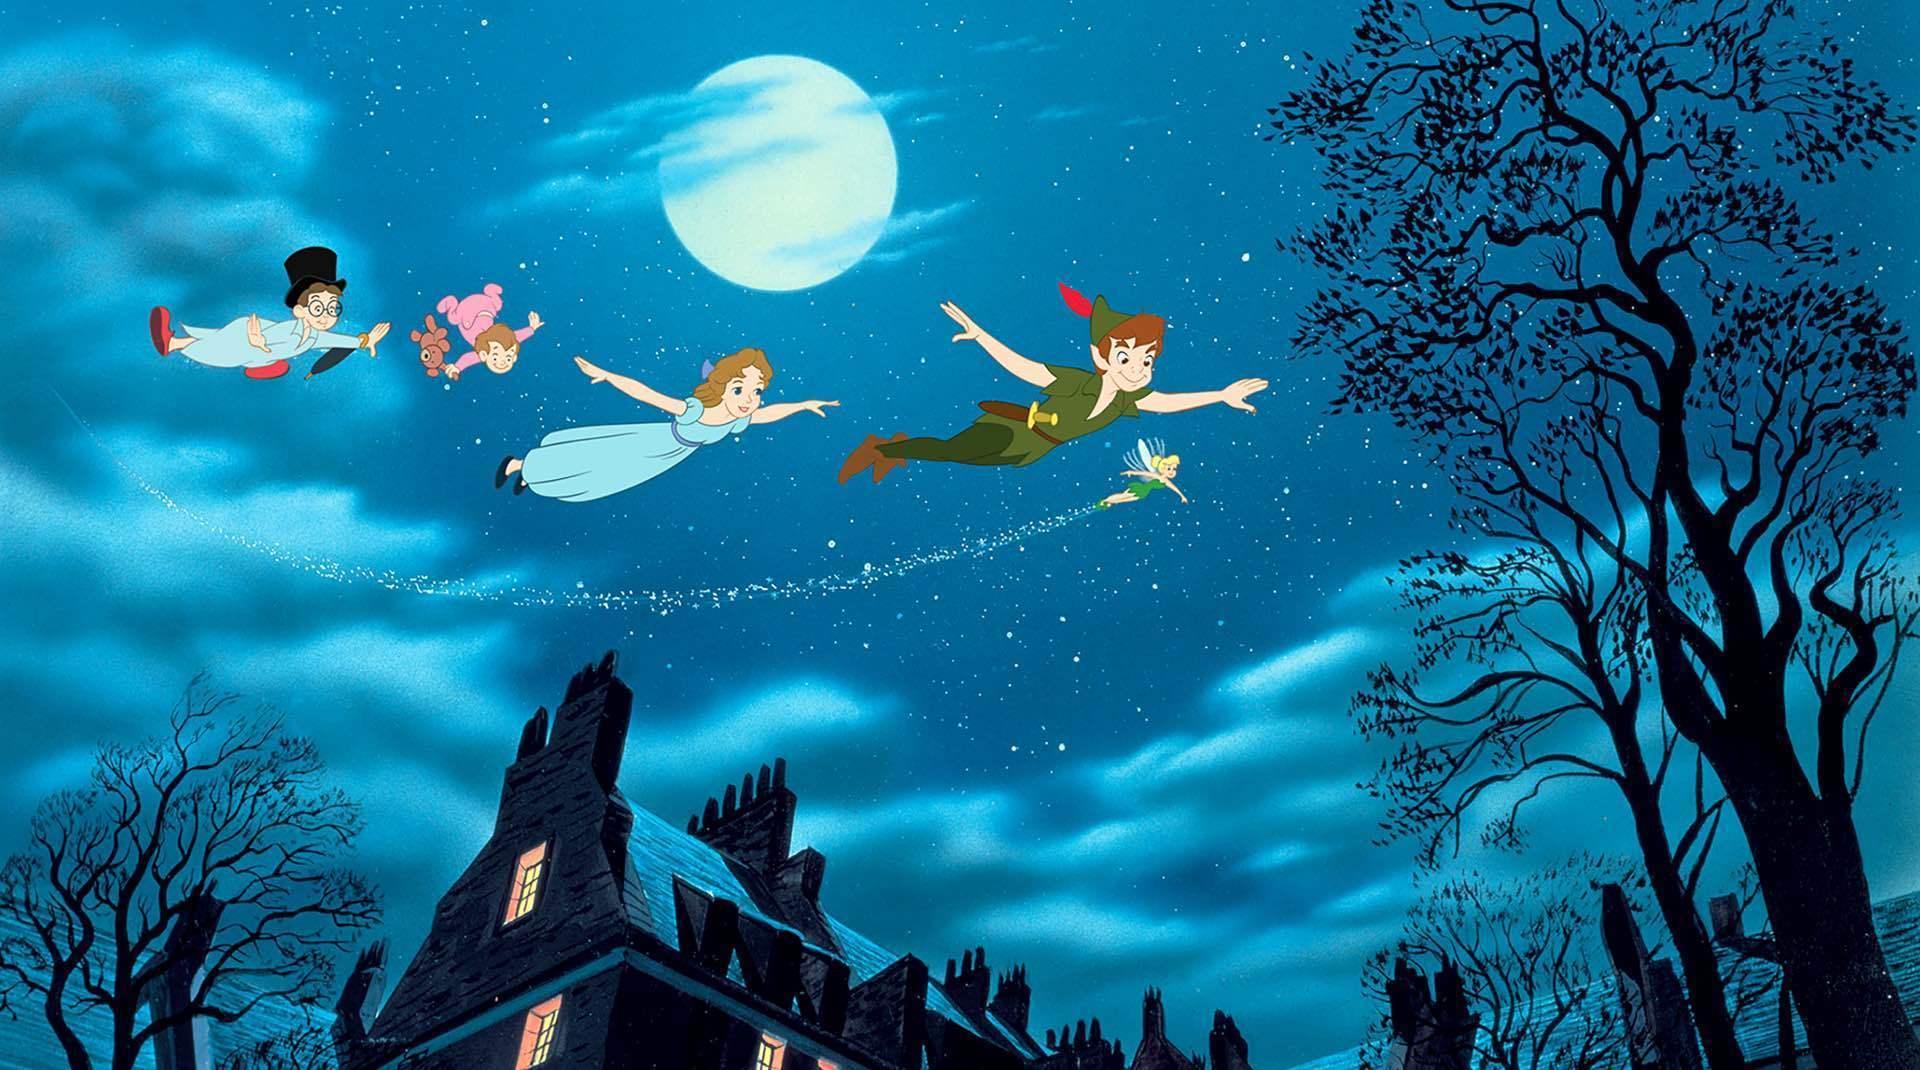 Immagine del film Peter Pan